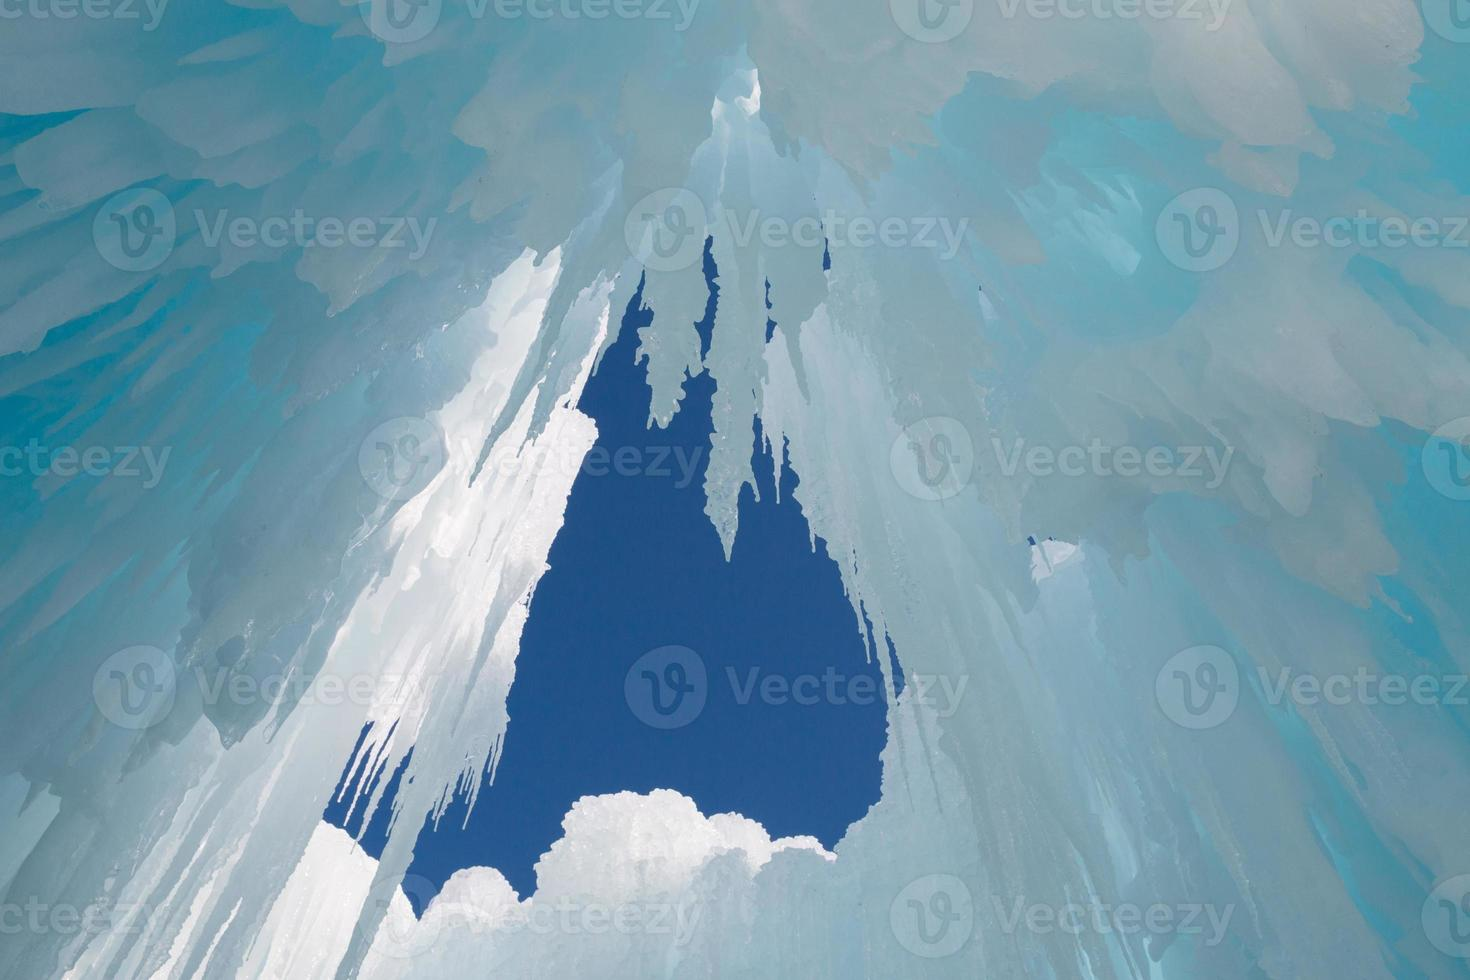 carámbanos cuelgan del techo de la cueva de hielo foto